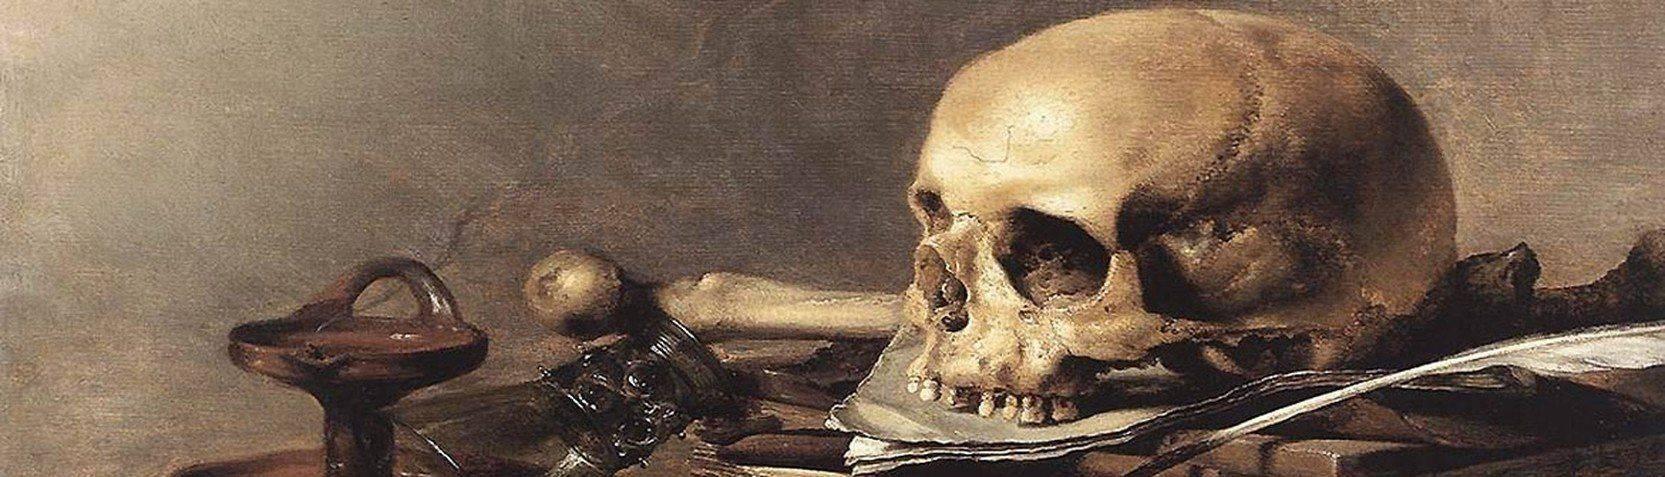 Kolekcje - Śmierć i smutek